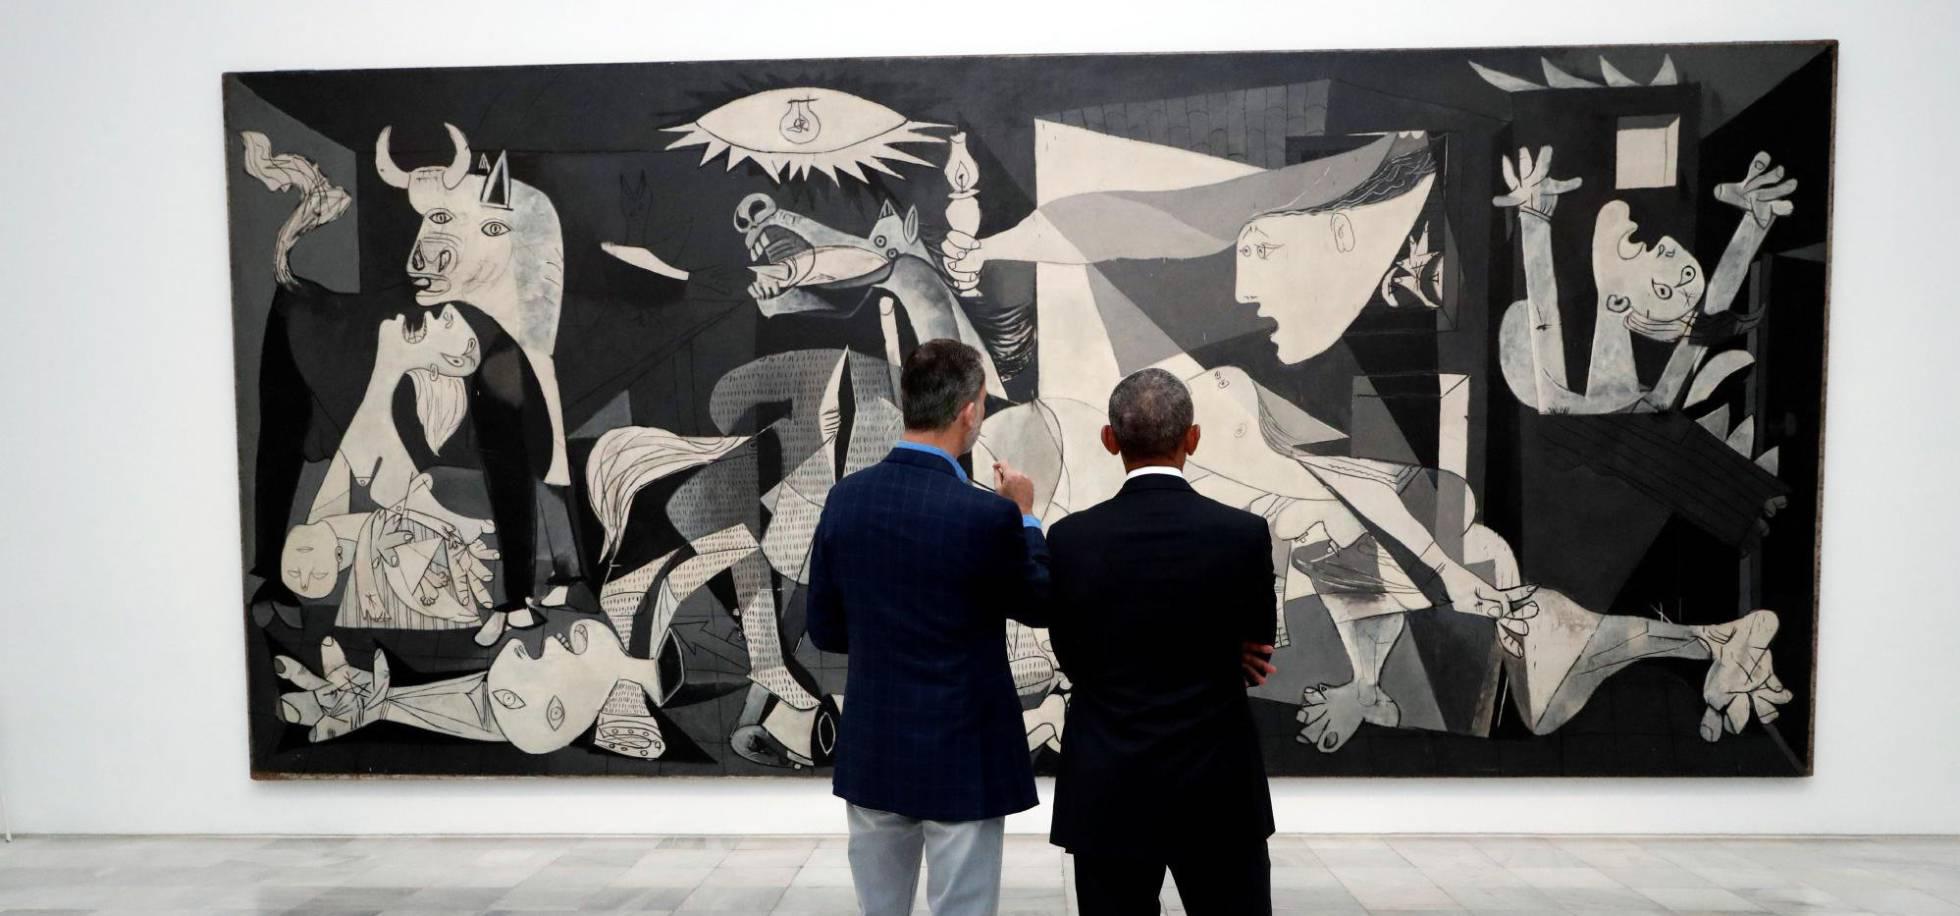 Museo Reina Sofia.Fotos La Visita Del Rey Y Obama Al Museo Reina Sofia En Imagenes